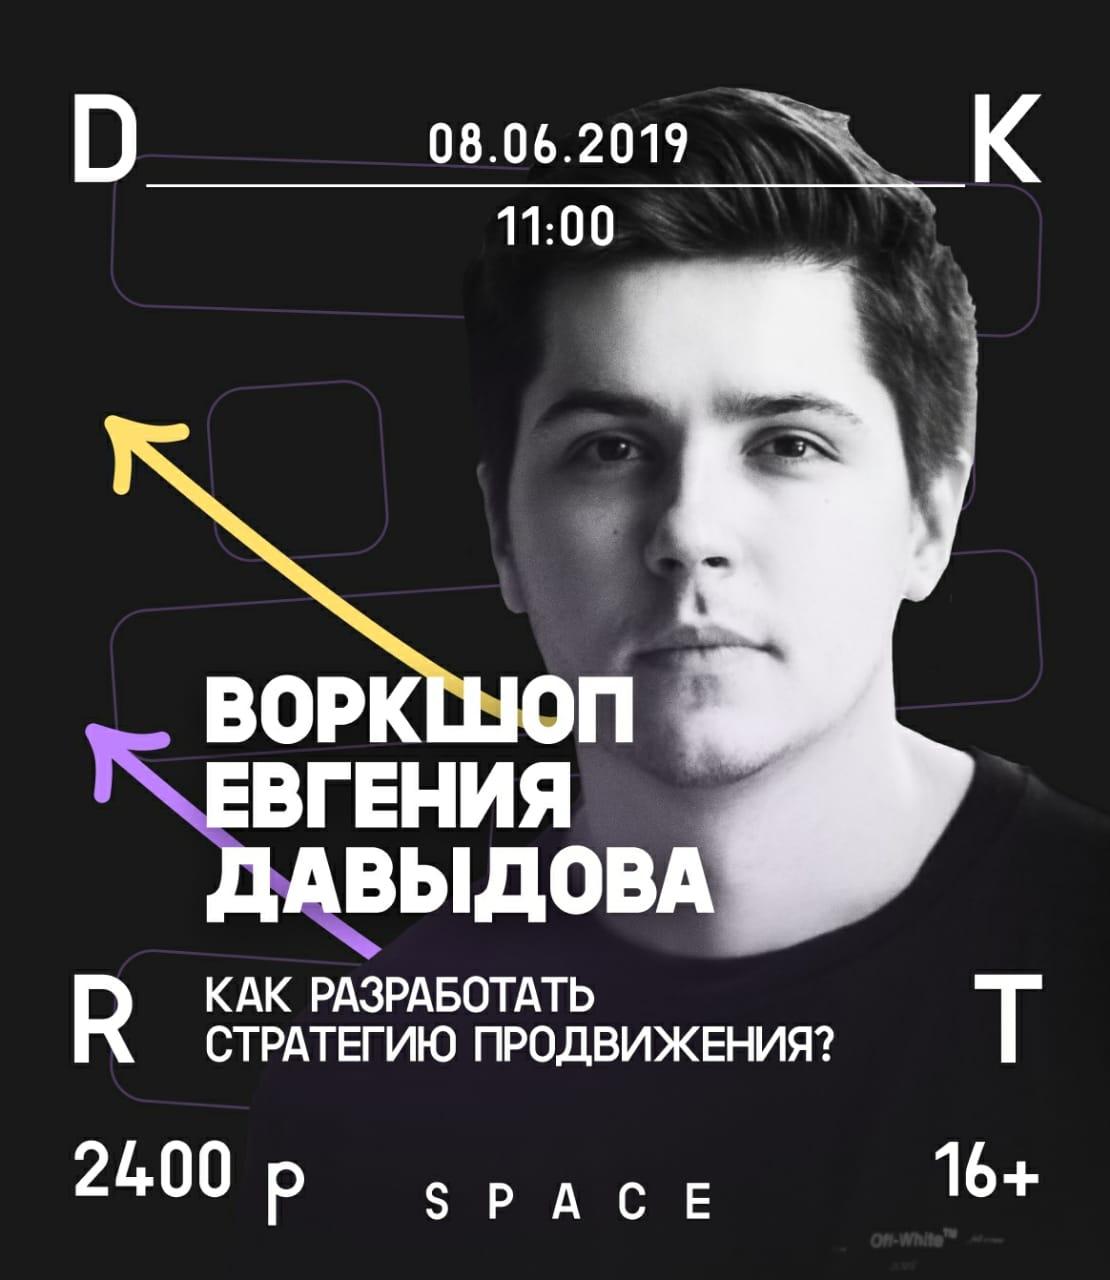 Воркшоп Евгения Давыдова